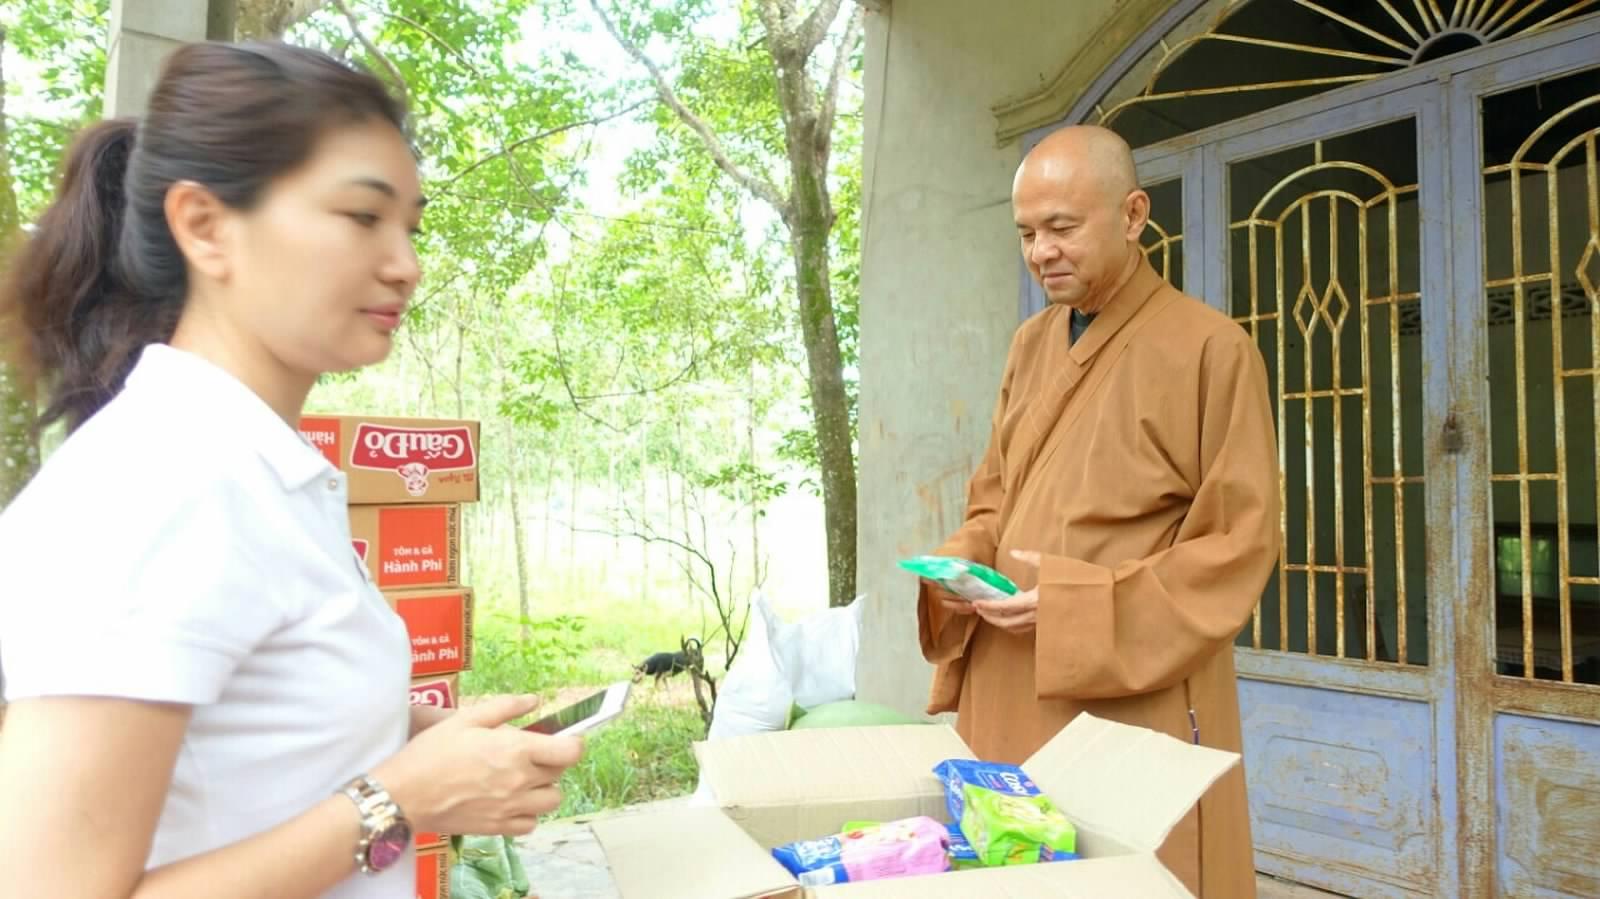 24 Viet kieu Campuchia (13)